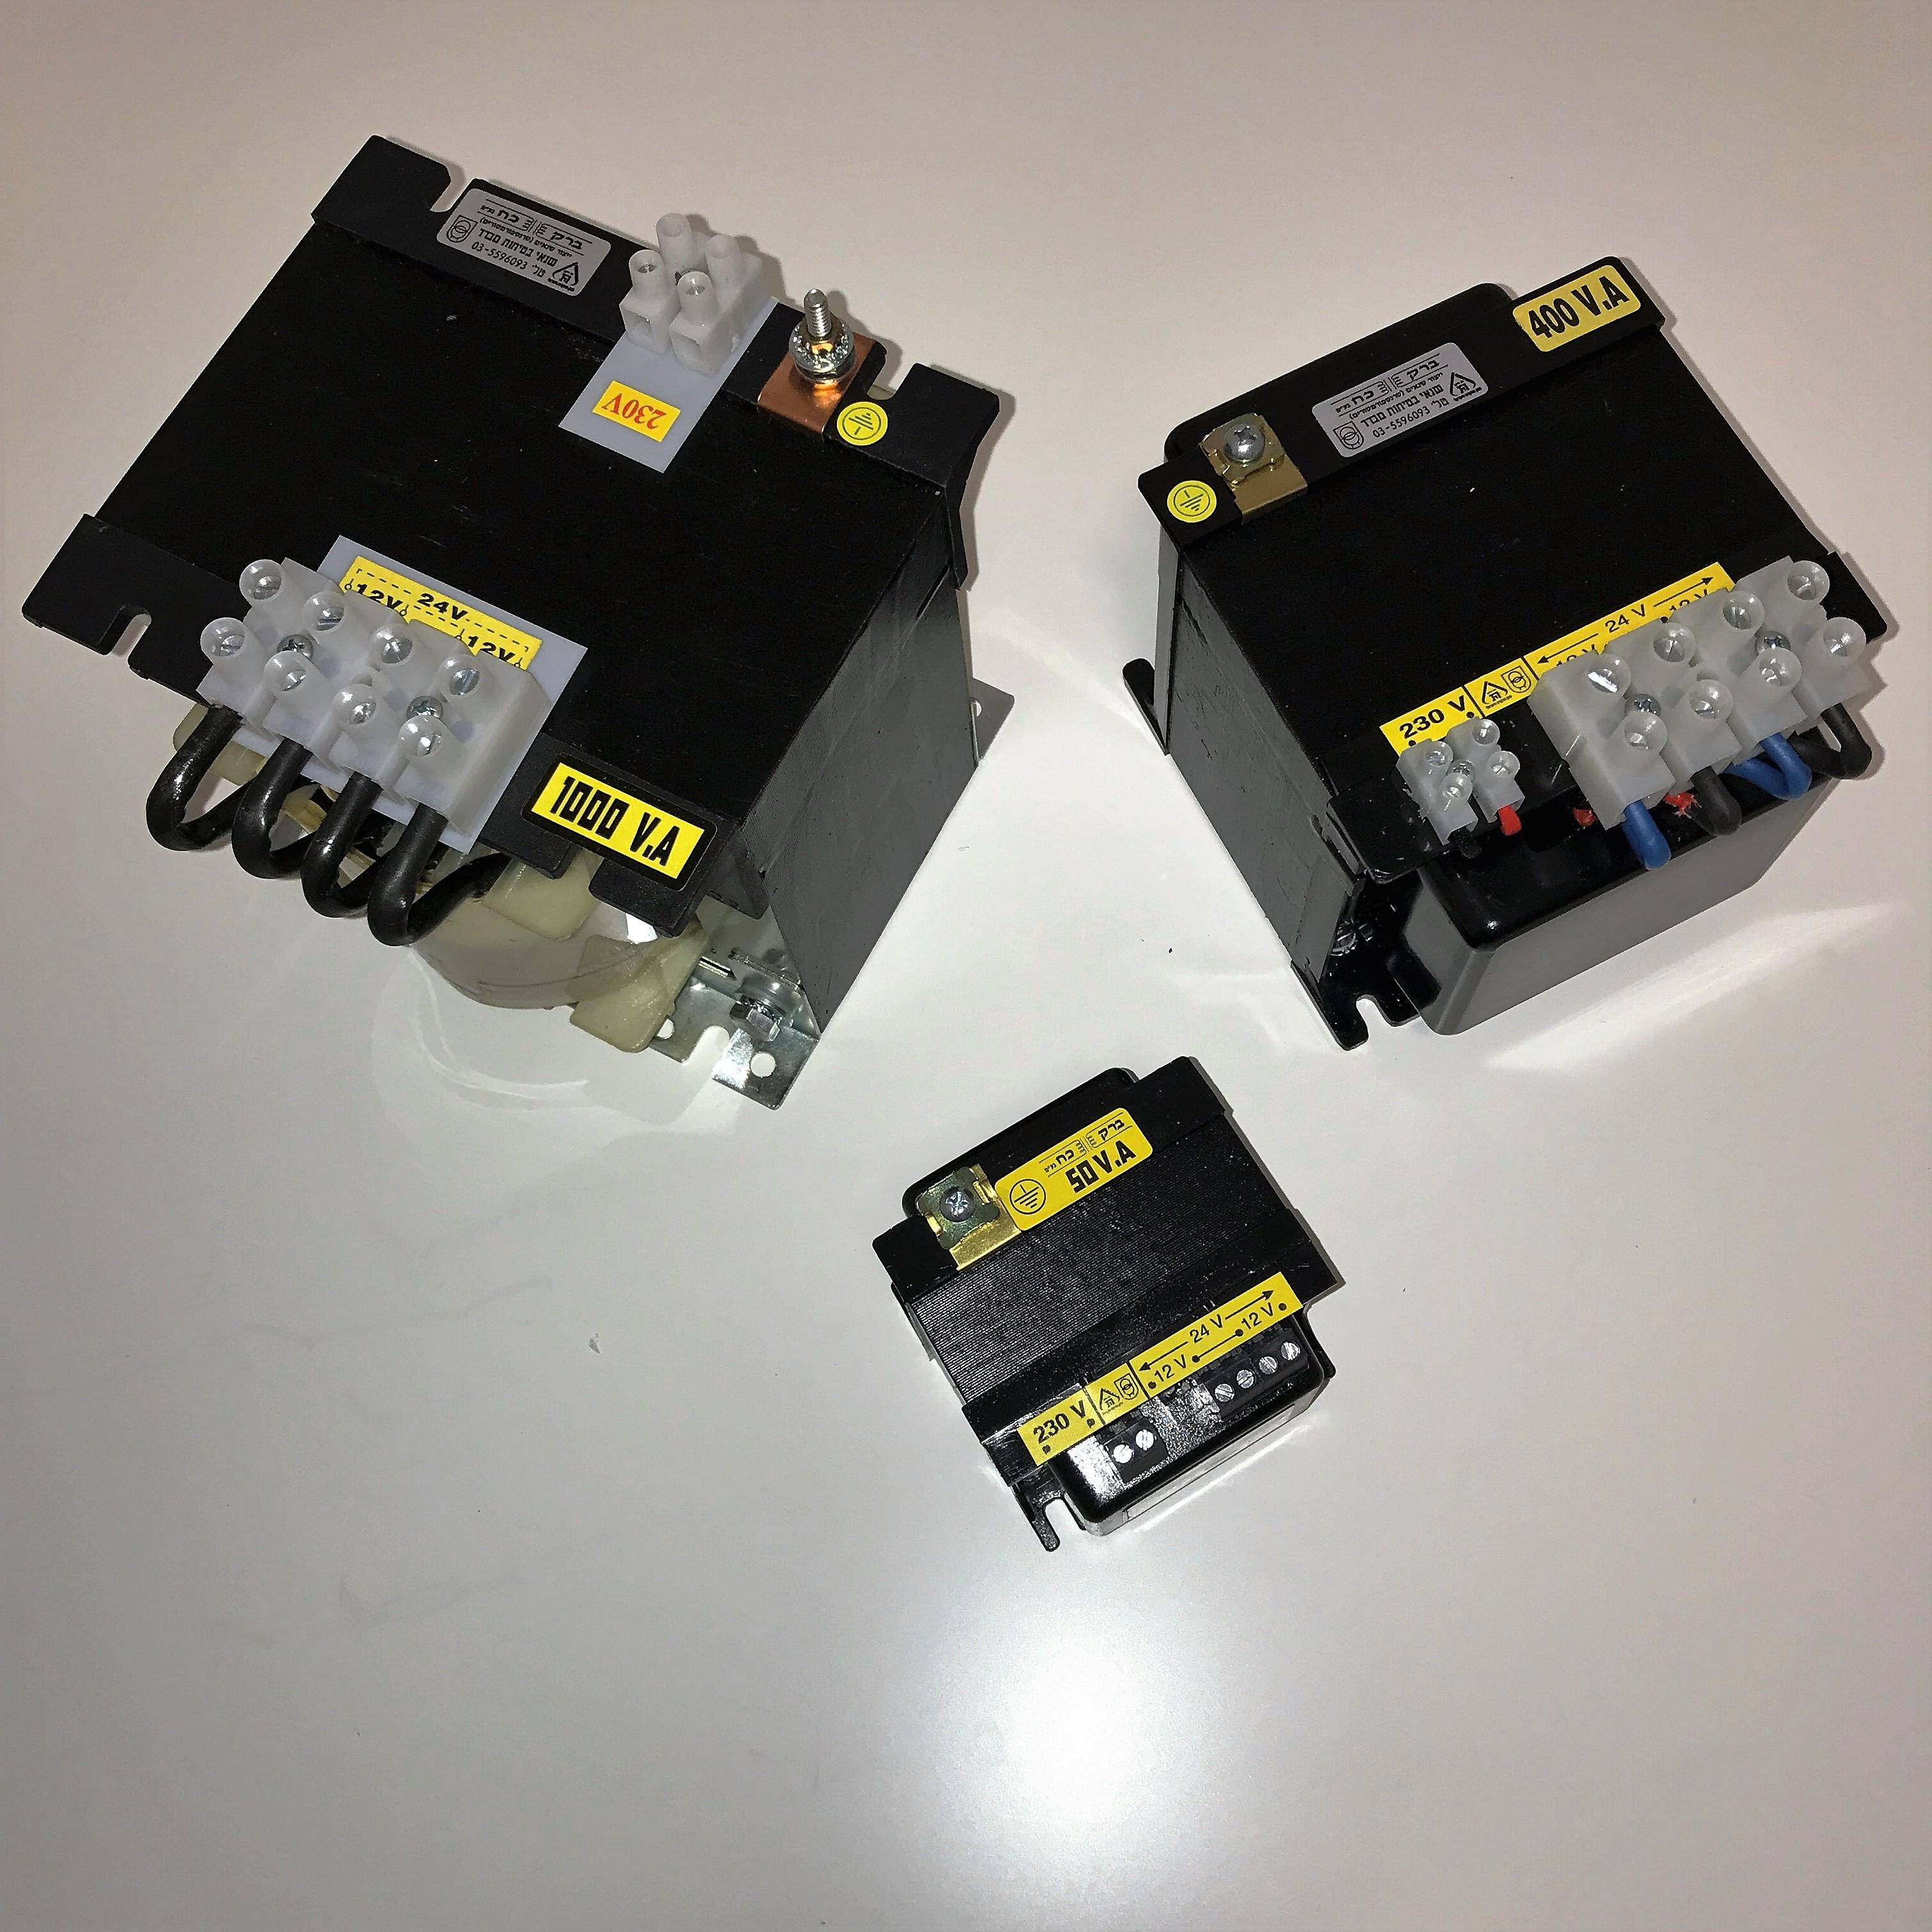 שנאי מבדל בהספק 1500VA במתחים 230V-24V